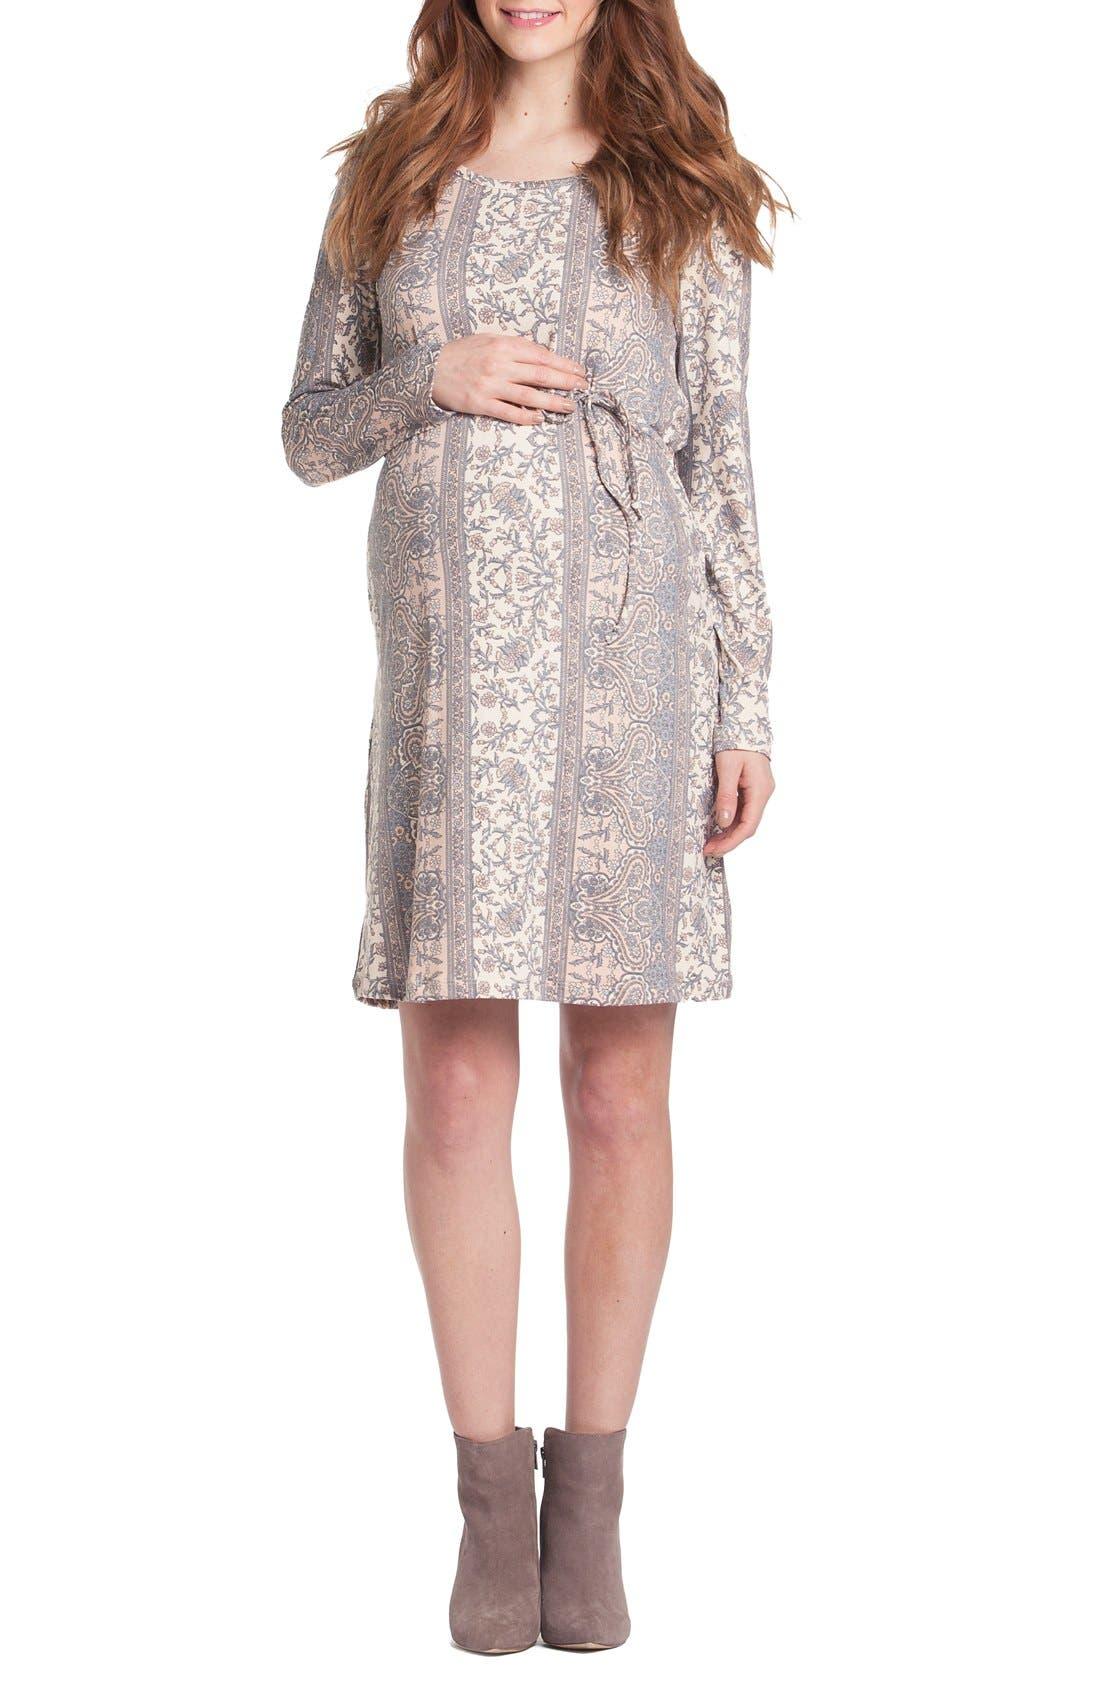 Print Maternity Shift Dress,                         Main,                         color, BLUSH/ GREY PAISLEY